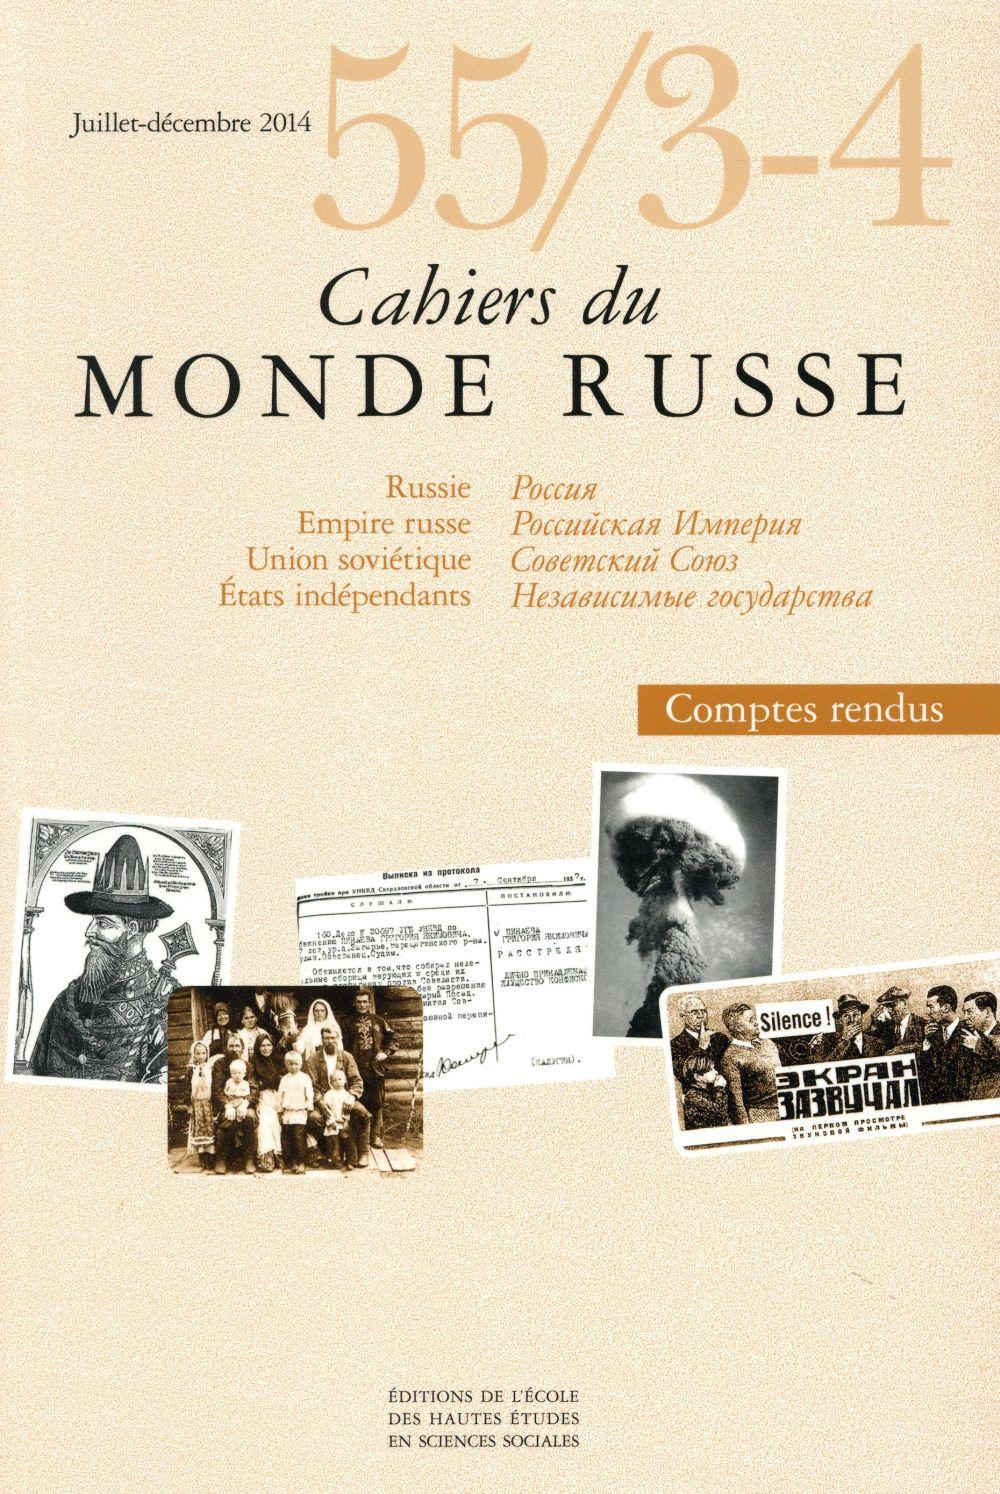 CAHIERS DU MONDE RUSSE 55 3 4